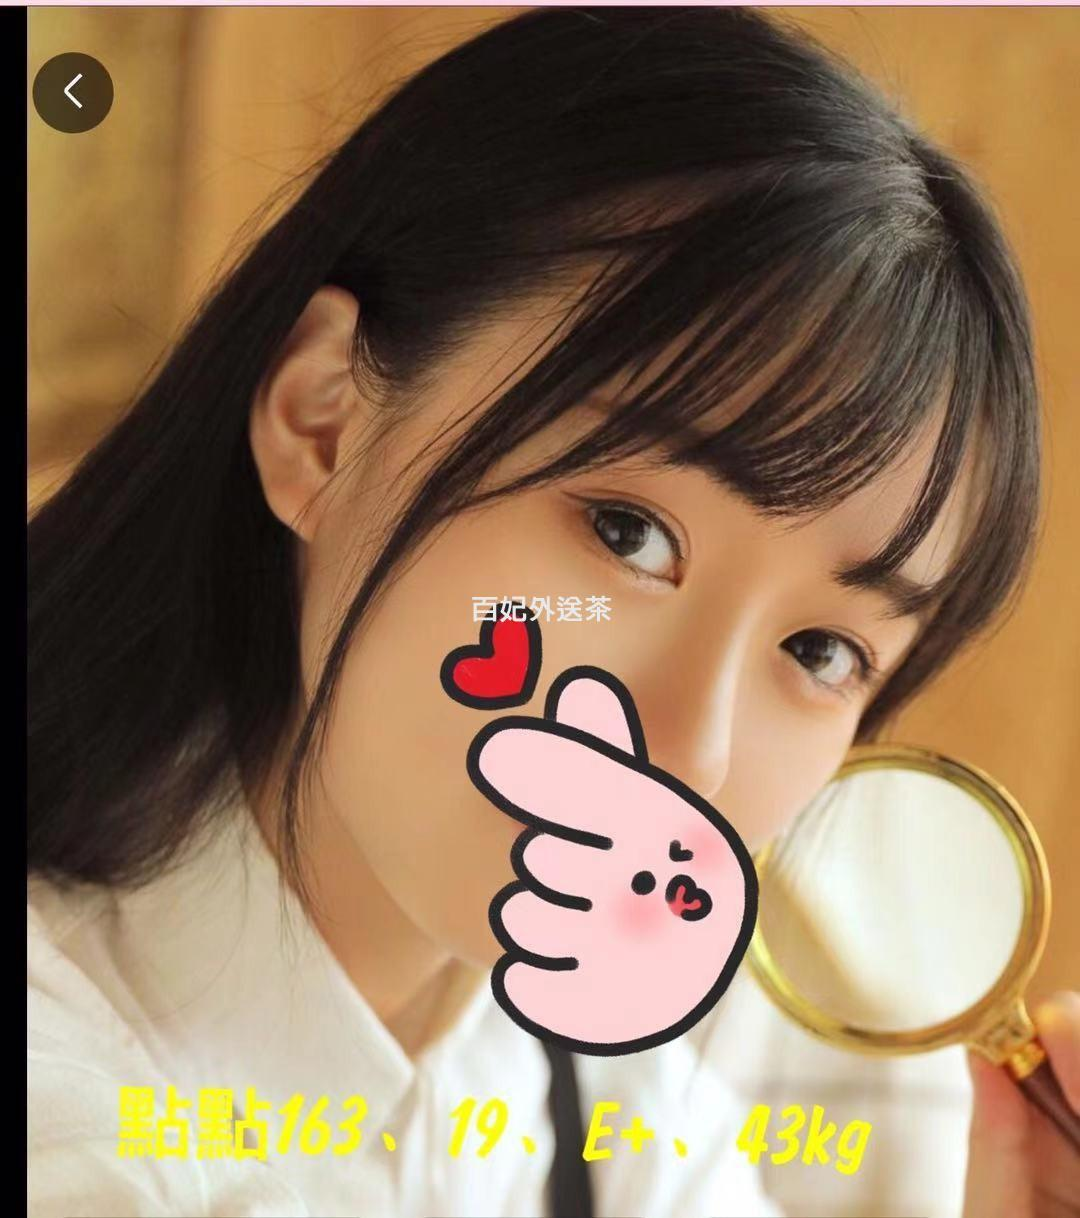 台北送茶點點有著水嫩豐唇